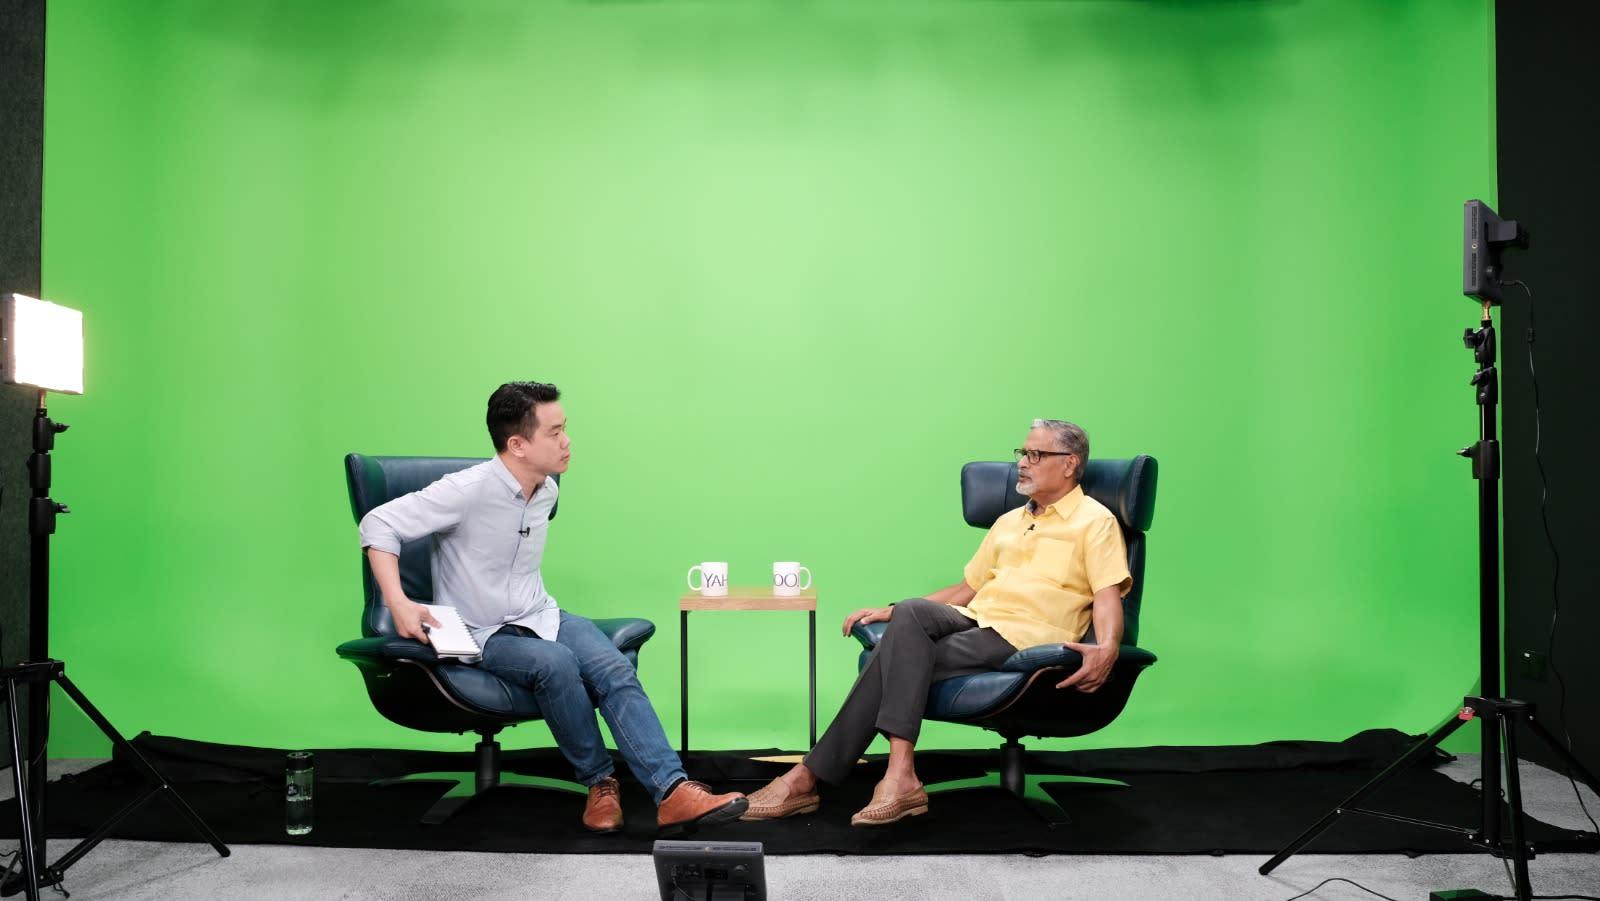 Lee Kuan Yew made journalists 'look behind their backs': veteran journalist PN Balji